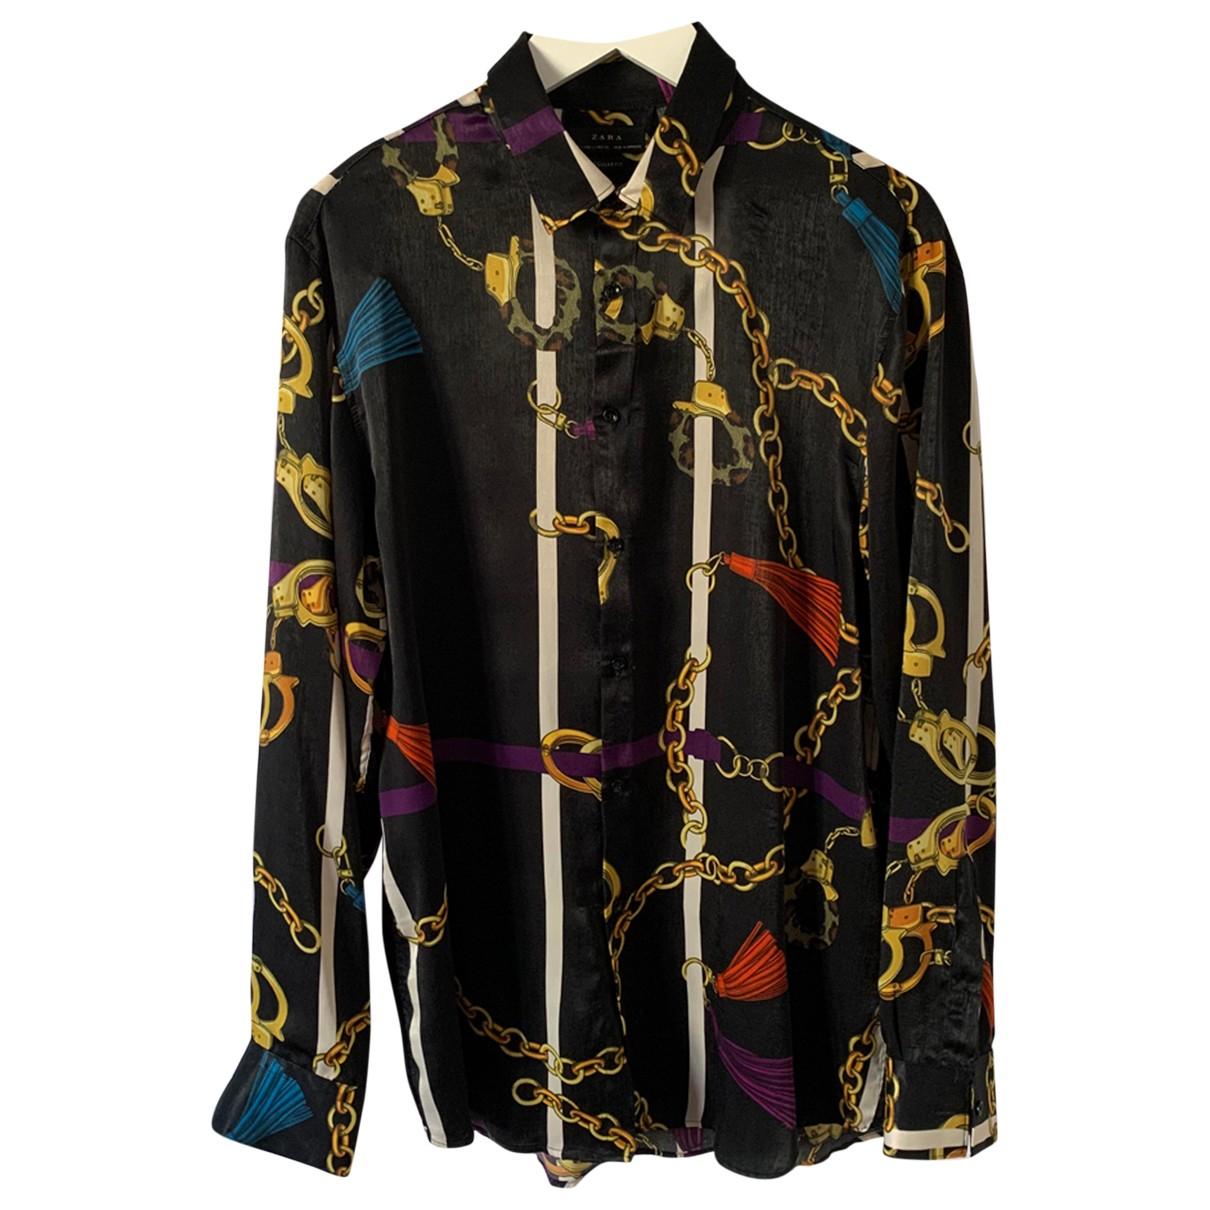 Zara - Chemises   pour homme - multicolore